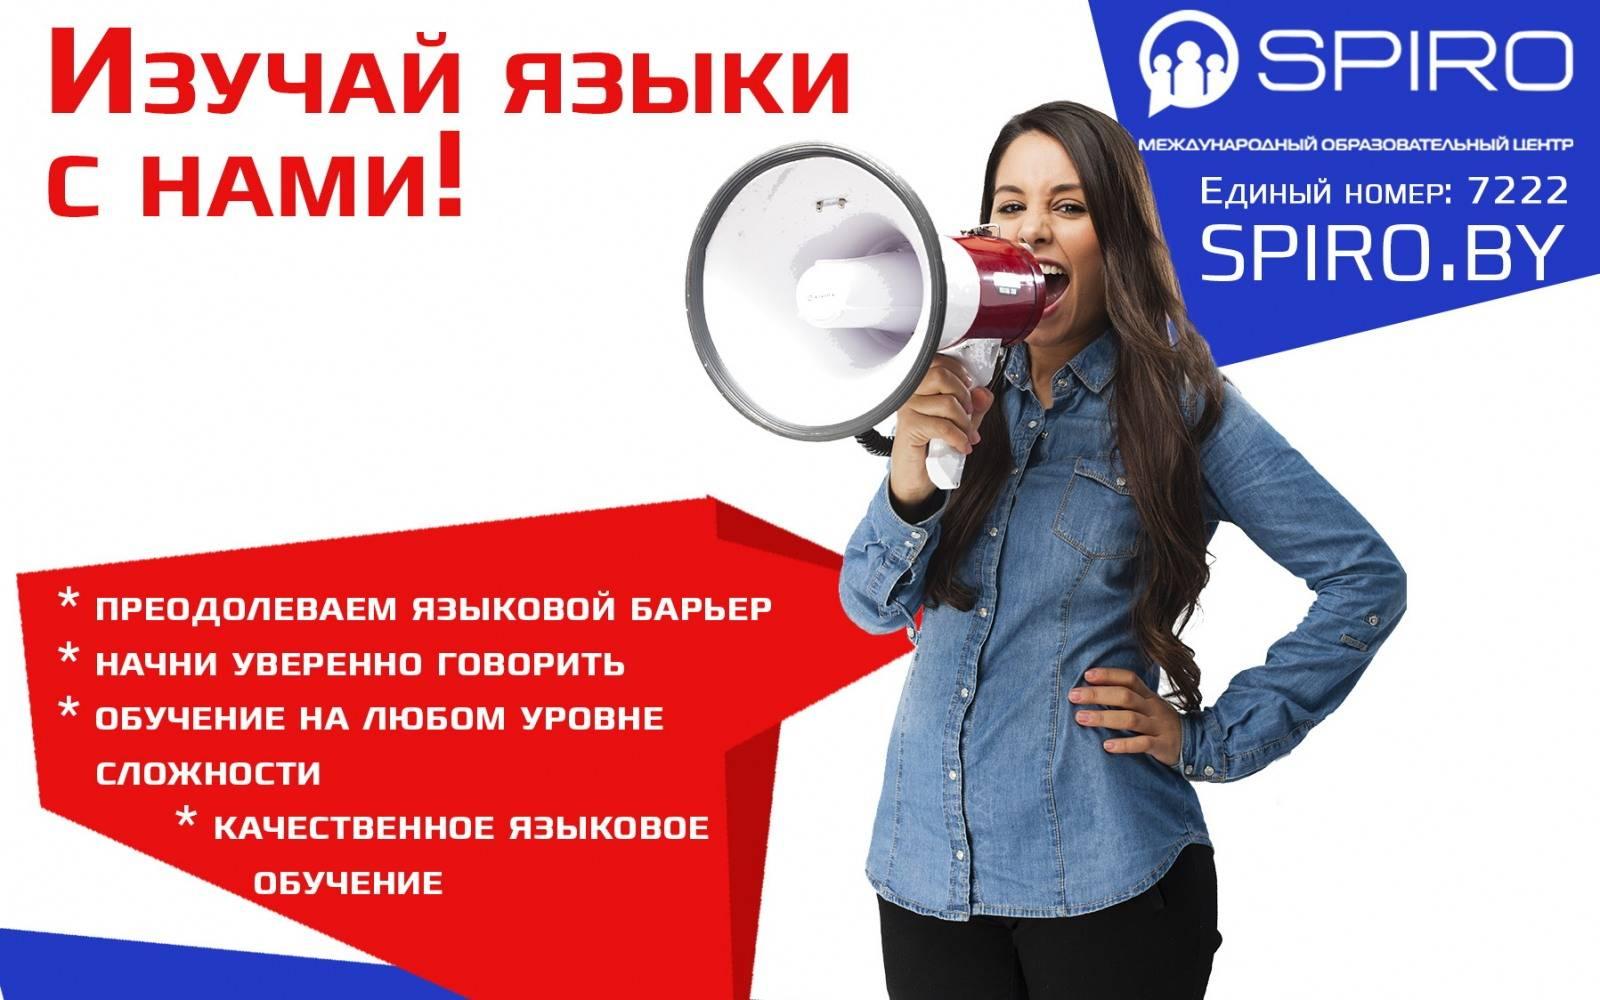 Образование в финляндии для русских бесплатно